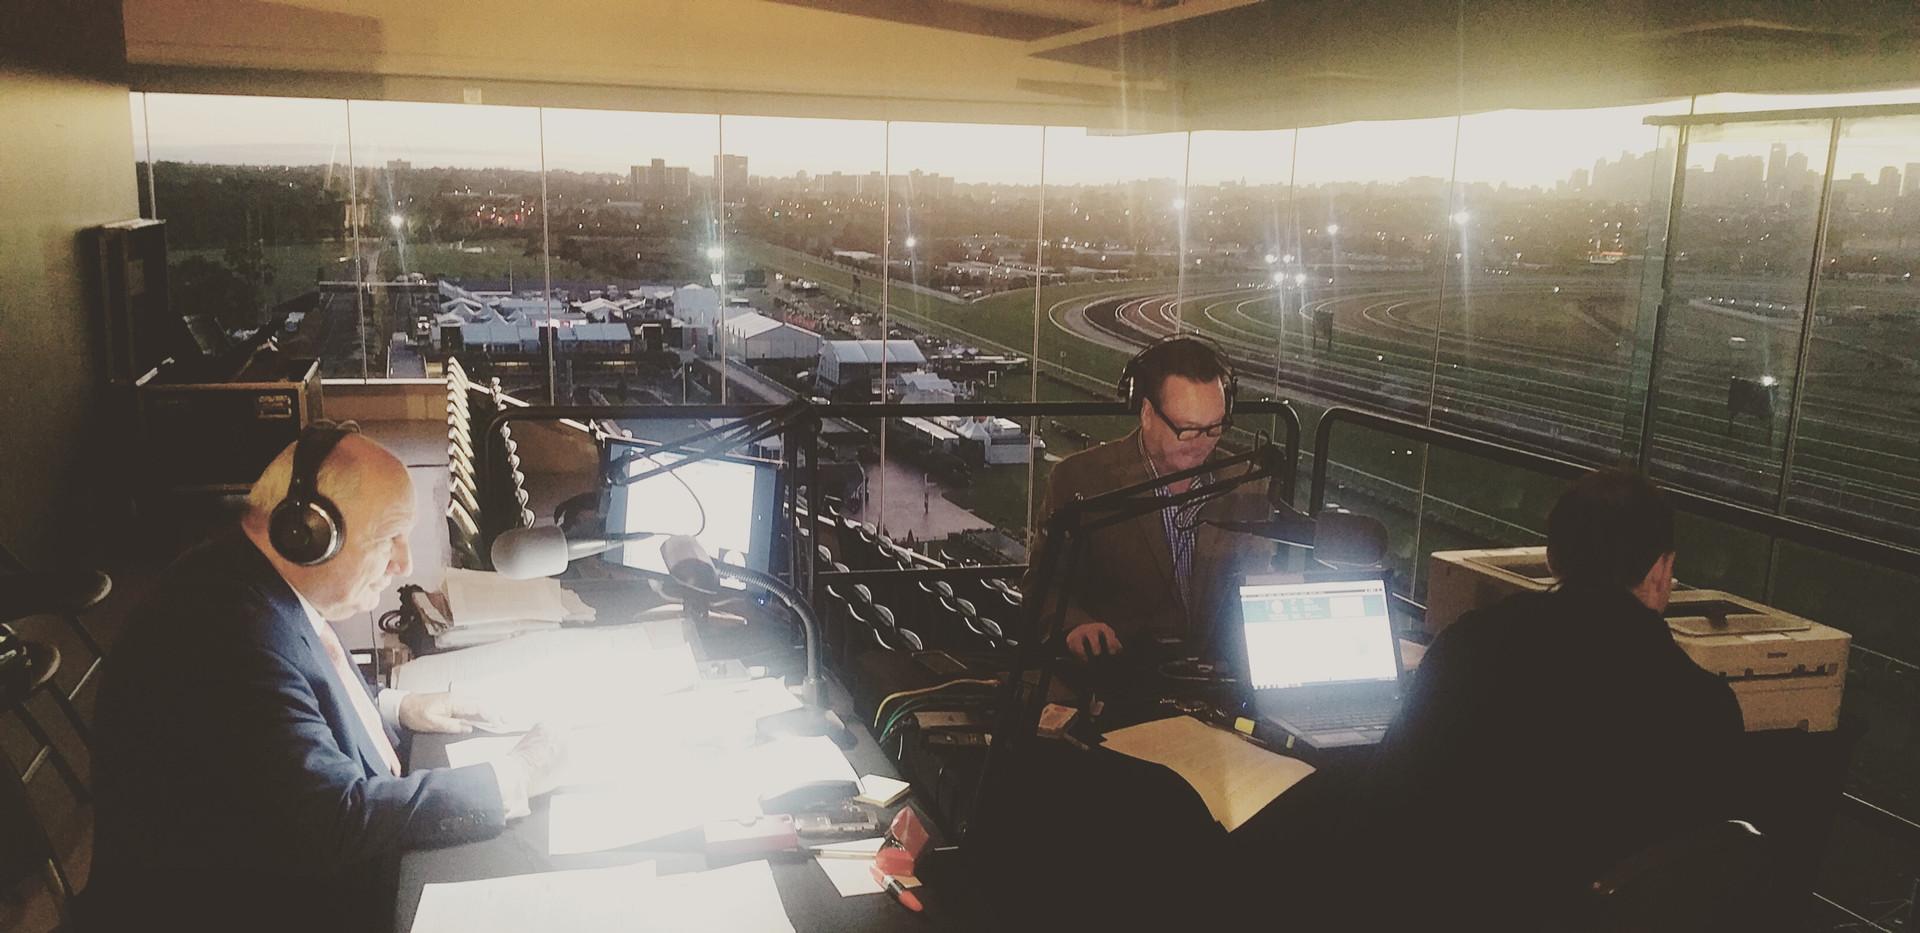 Matt-Summerill-radio-studio.jpg